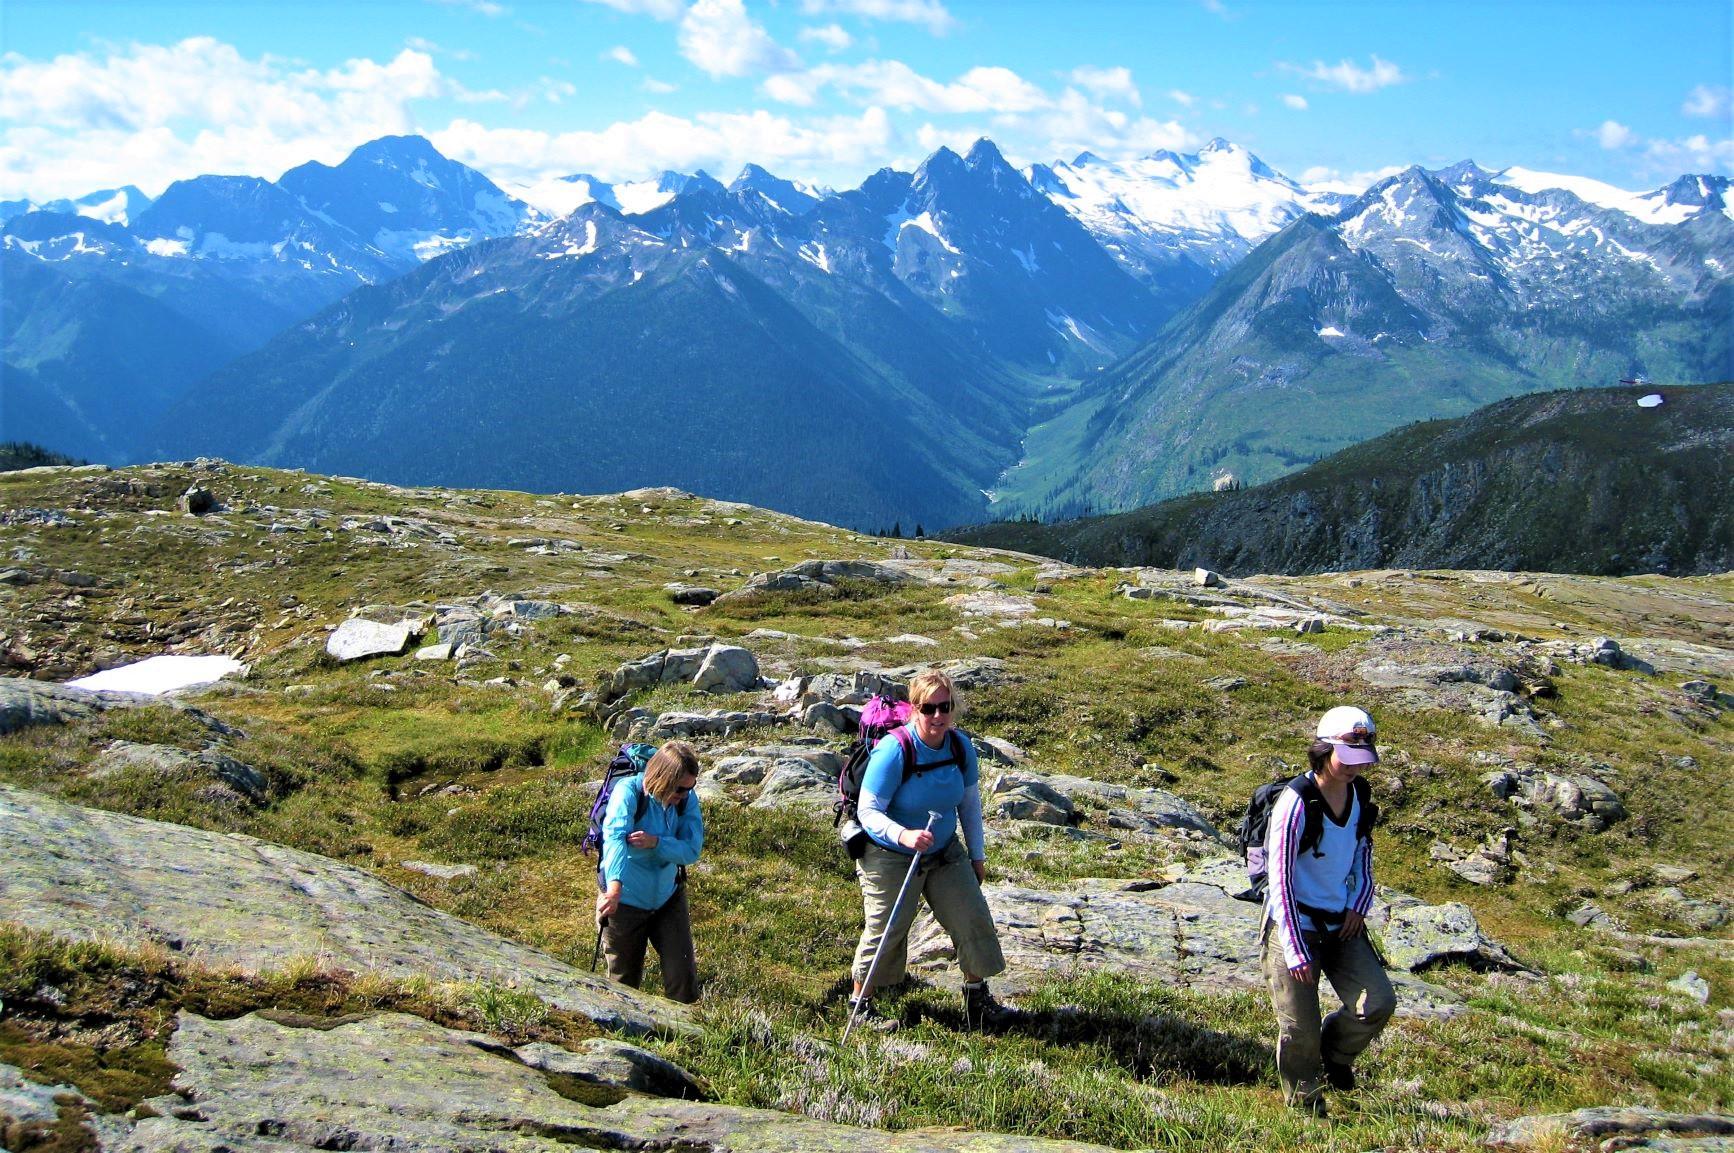 カナダらしい光景が広がる山上の別天地にいるのはロッジ滞在者のみ